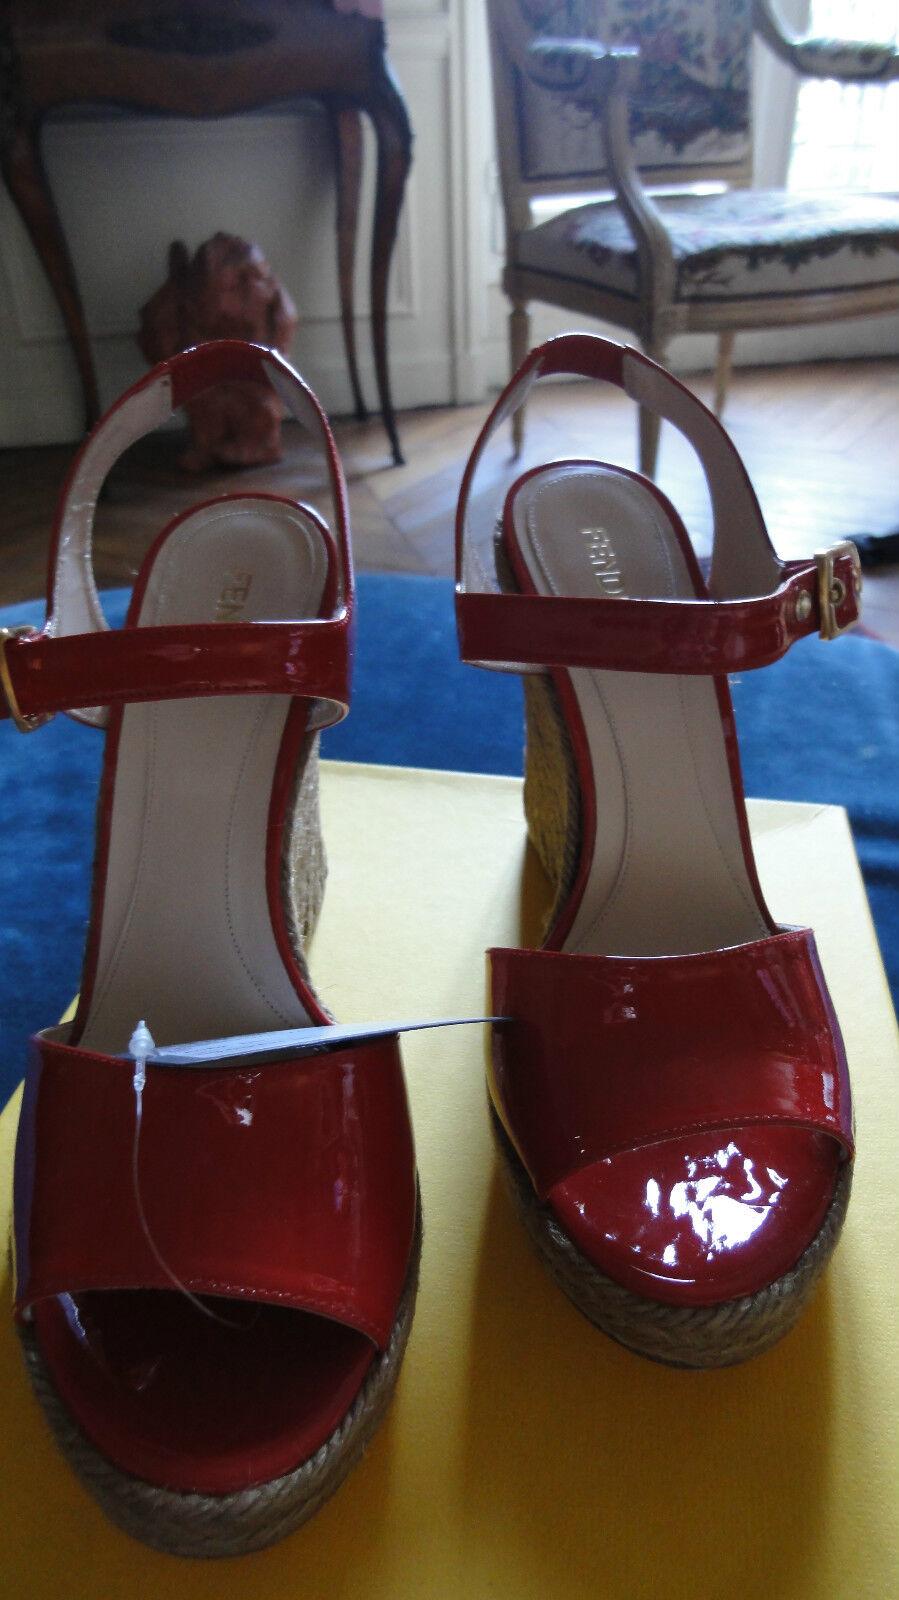 s neuves FENDI rouges T avec 40 cuir avec T boite collaboration CASTANER 46dab2